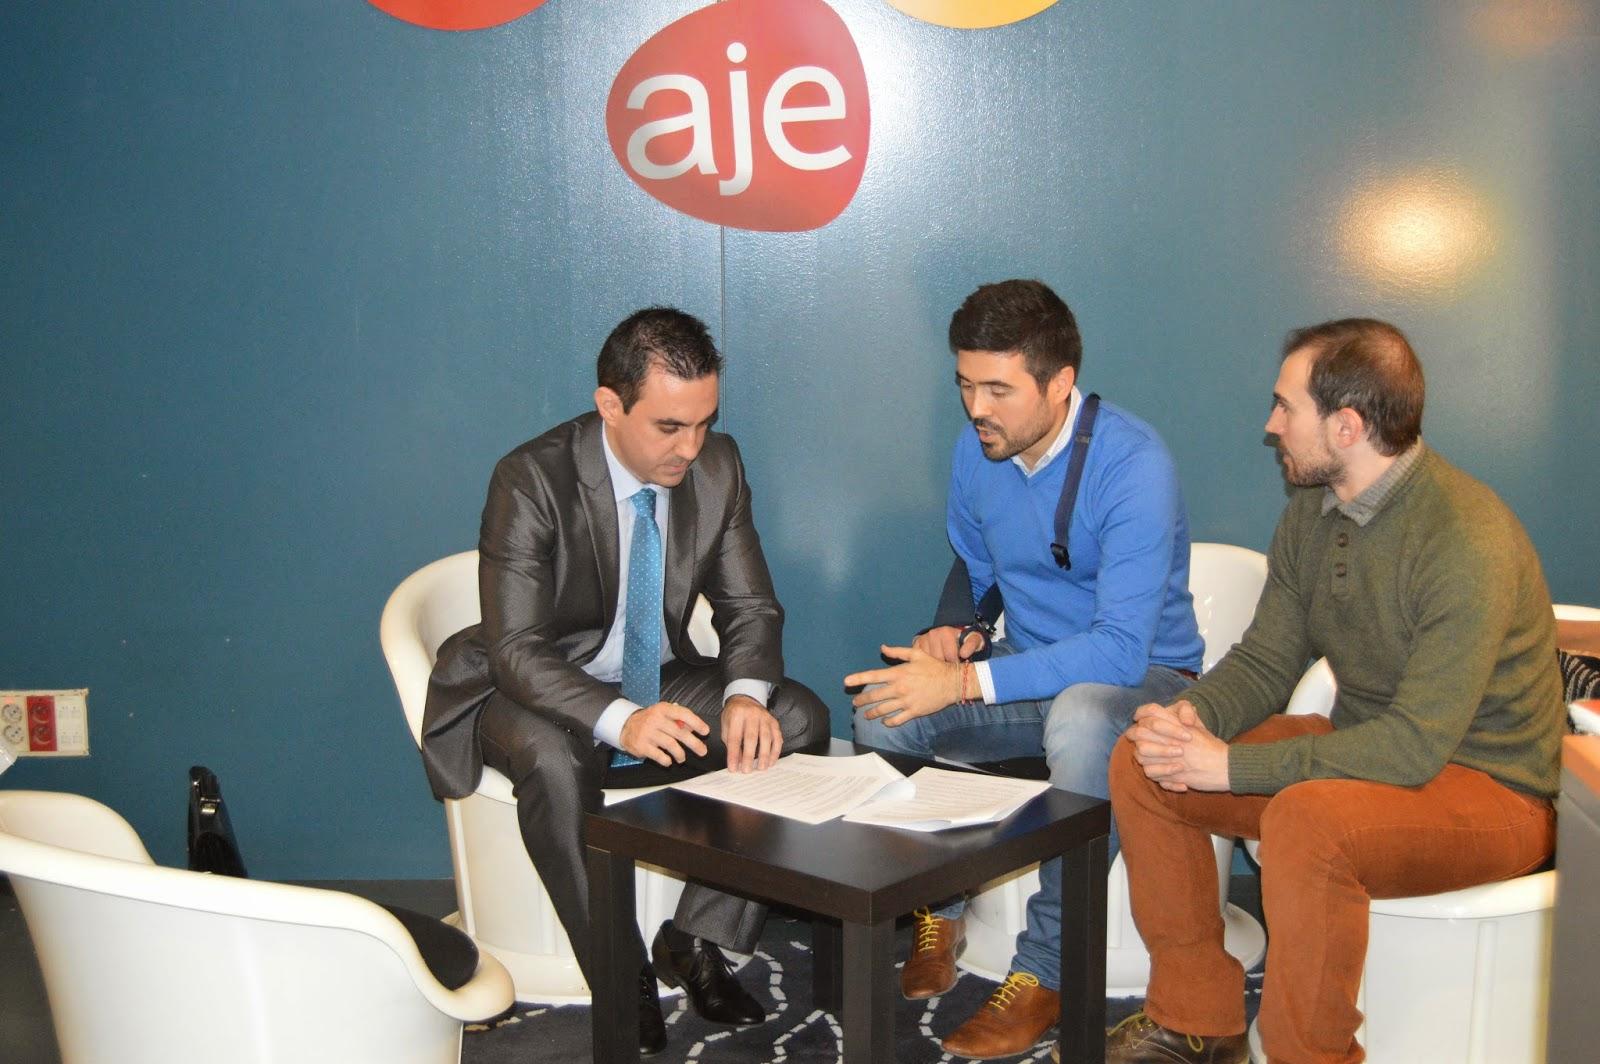 Convenio Profesionalesmarketing y AJE Albacete